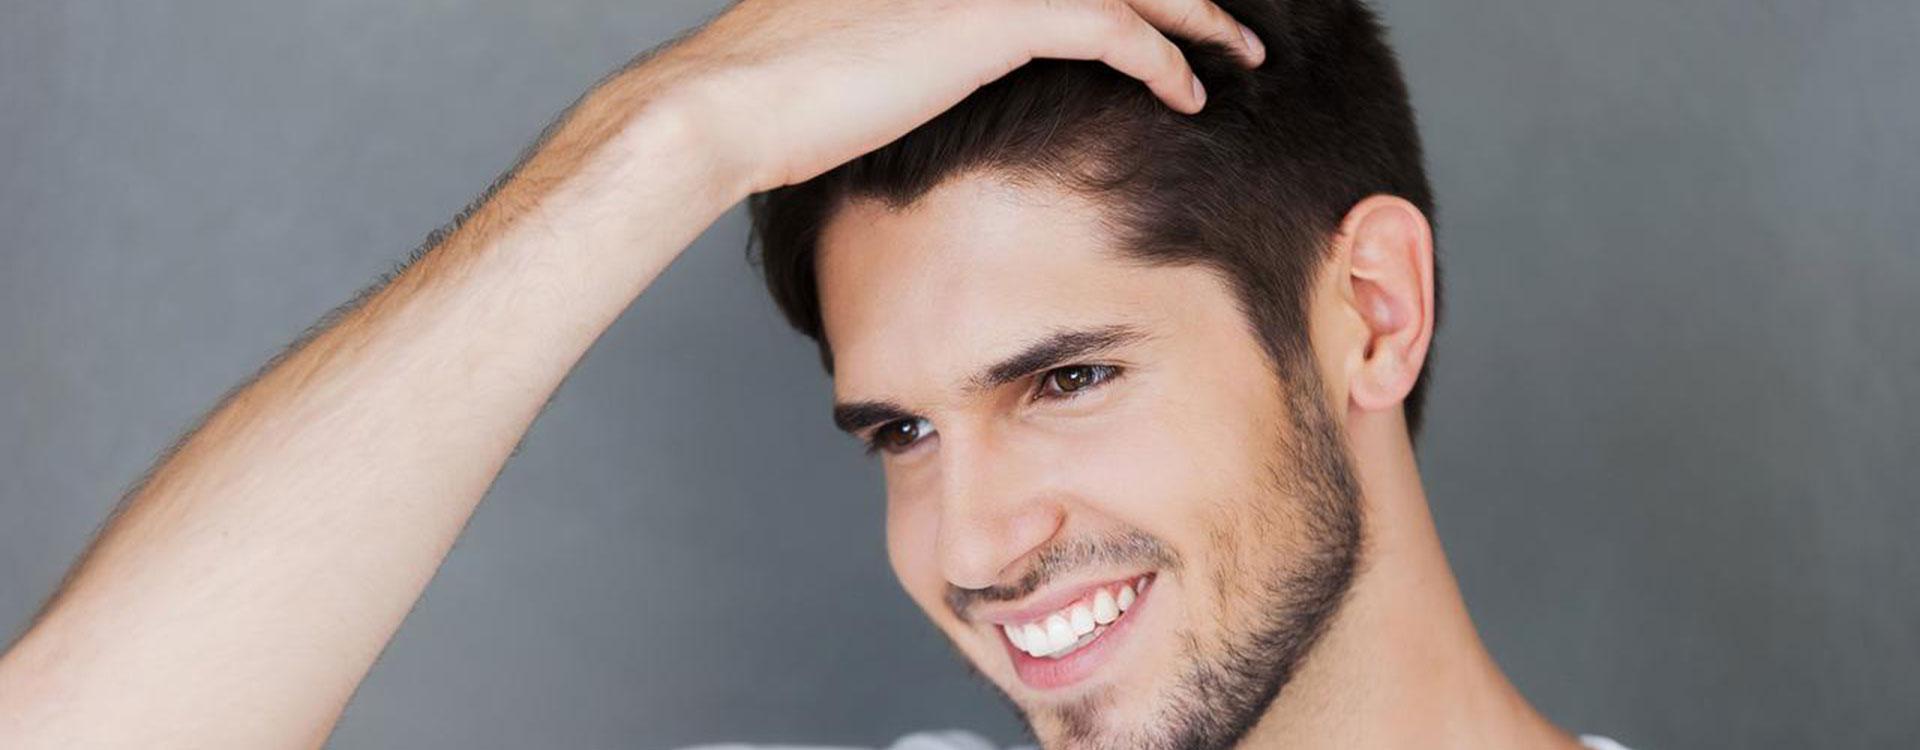 Hábitos saudáveis para evitar a queda de cabelo